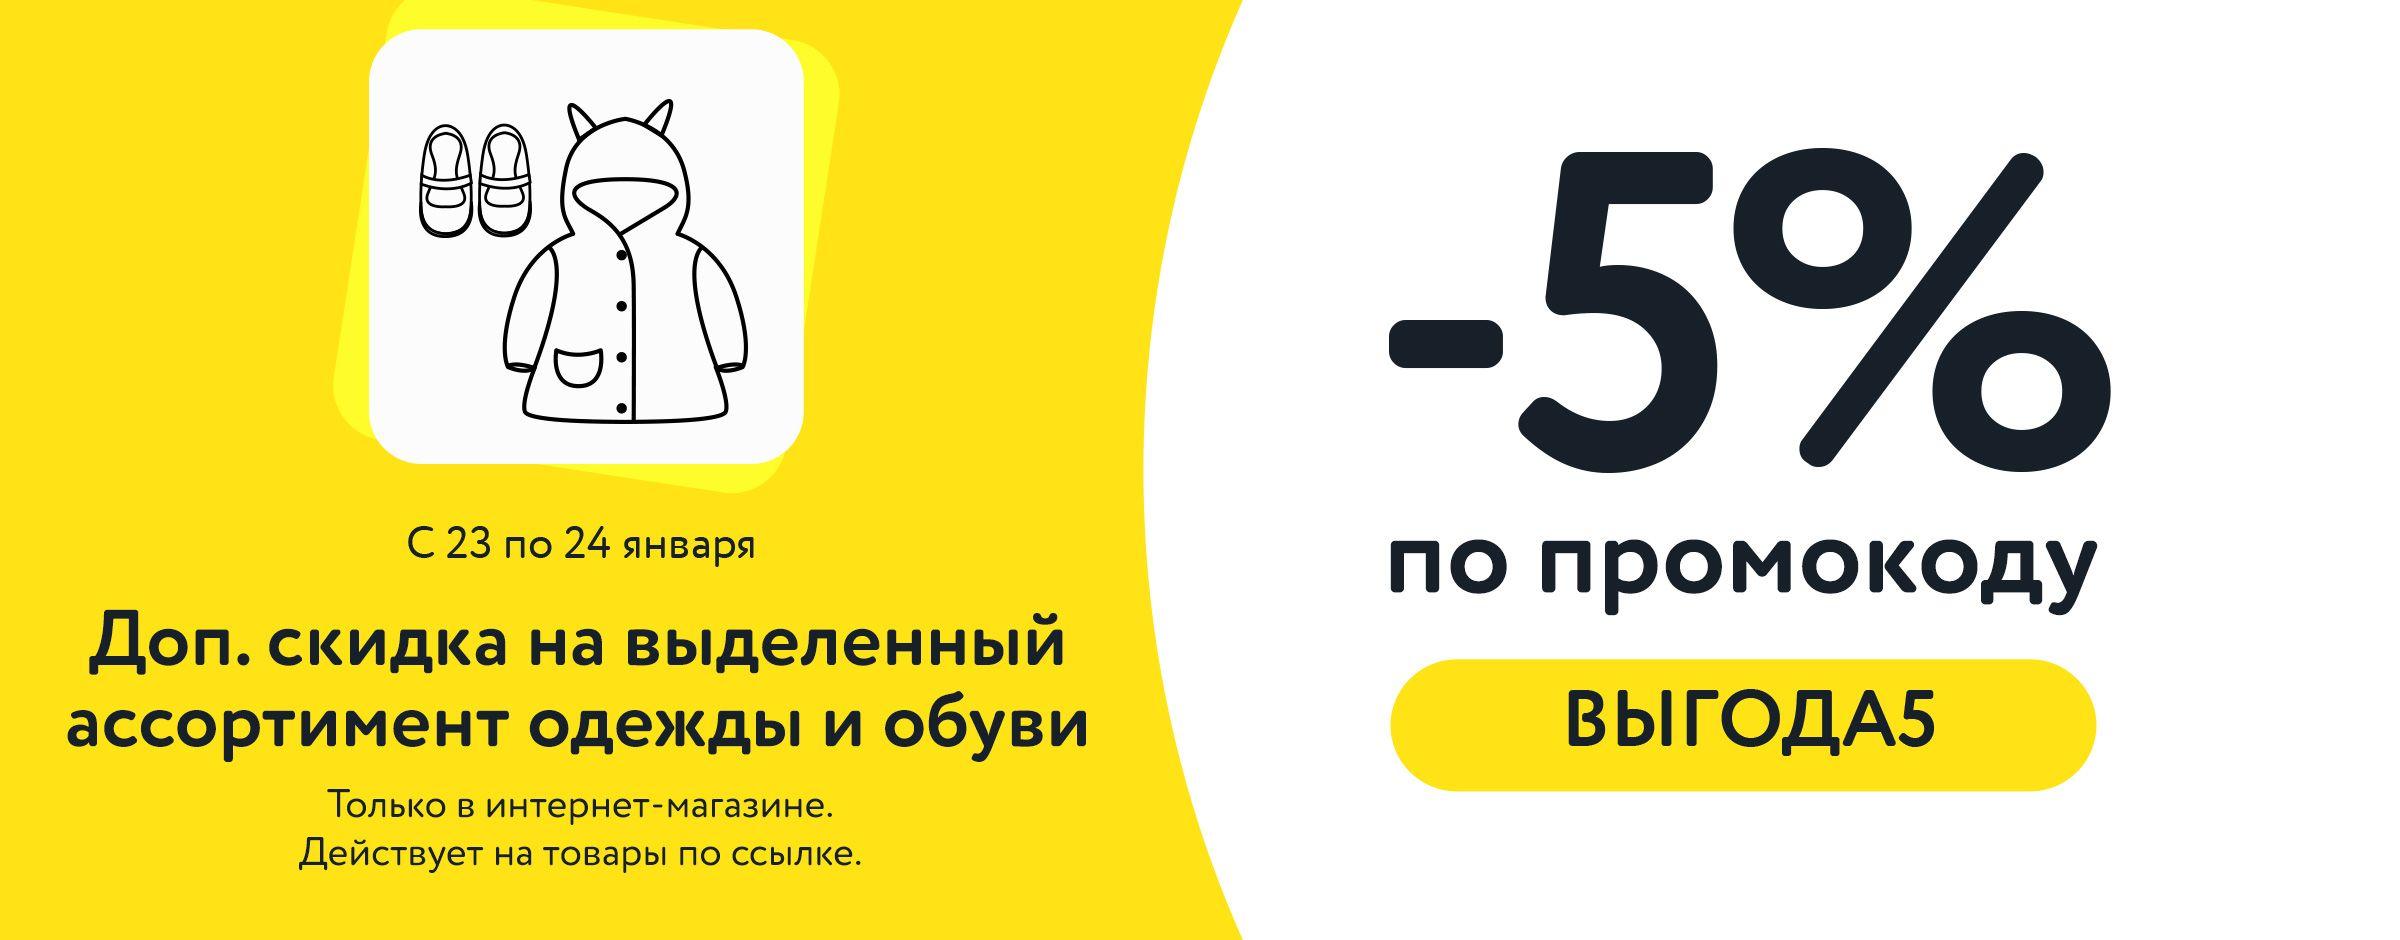 Доп. скидка 5%  на одежду и обувь по промокоду ВЫГОДА5 С